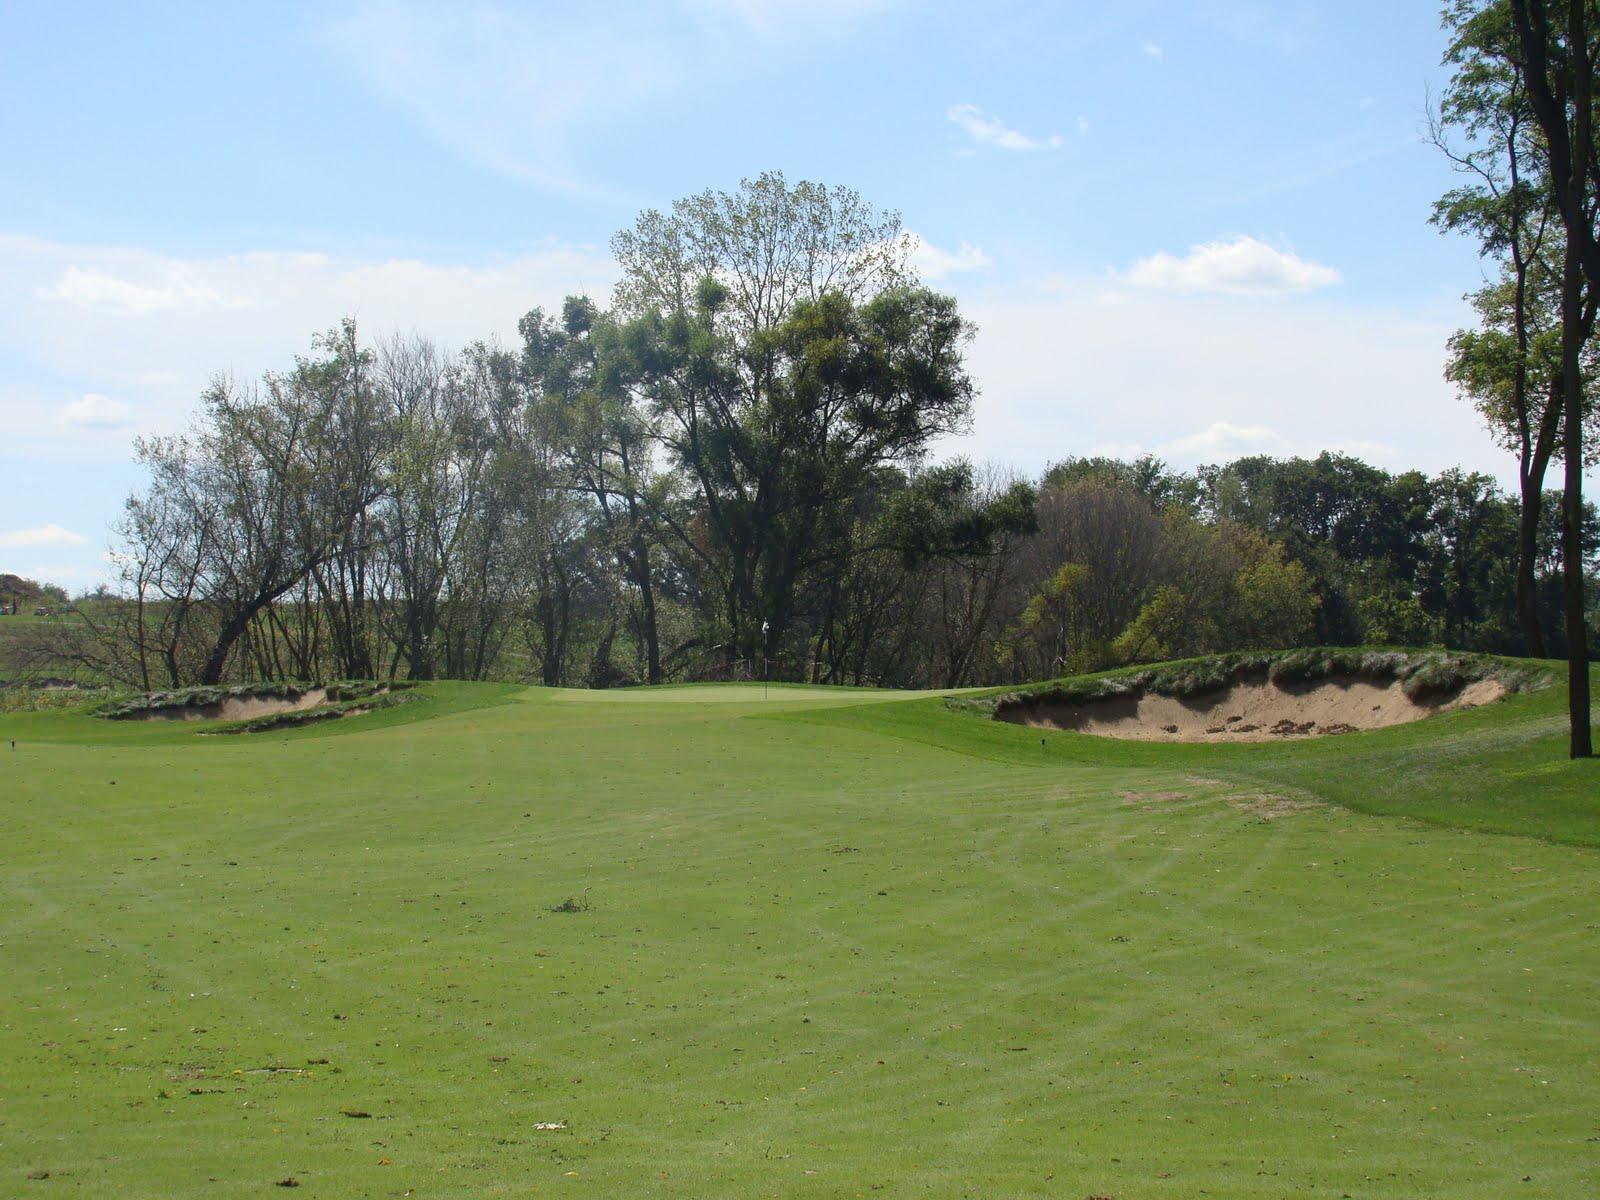 golf pic of the week bowes creek par 4 11th. Black Bedroom Furniture Sets. Home Design Ideas